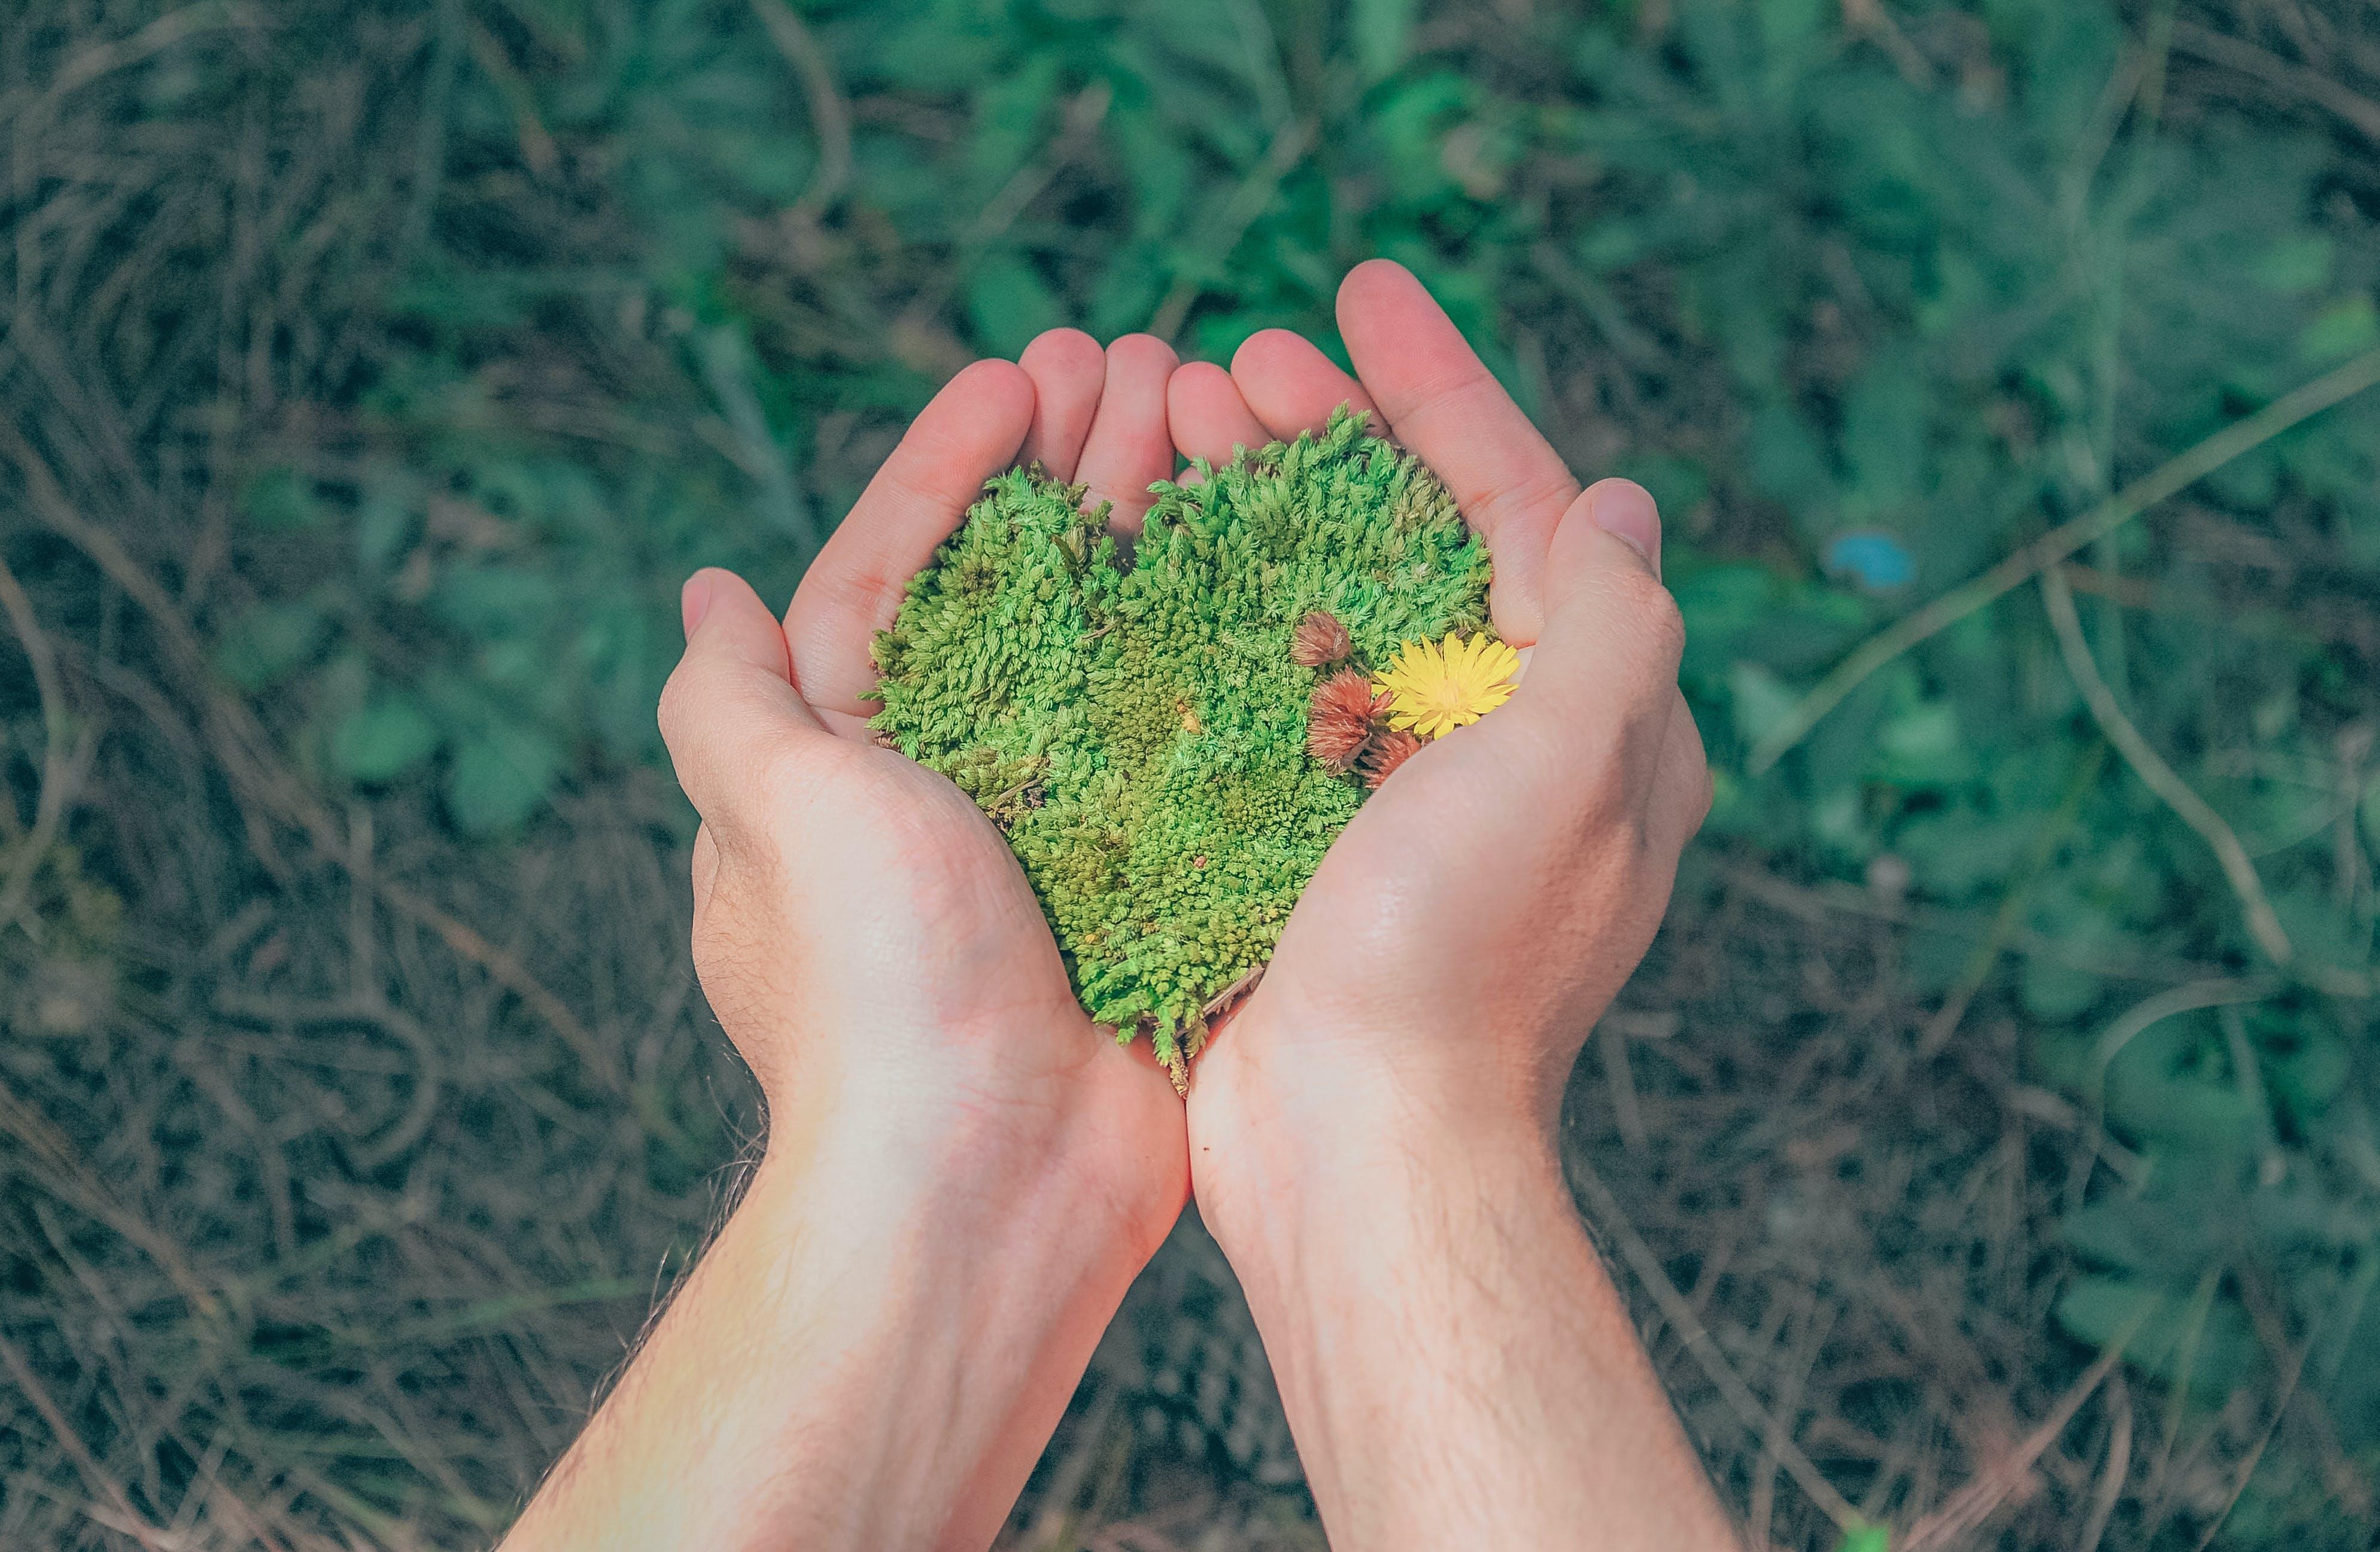 Gratis arkivbilde med dagslys, flora, gress, hender